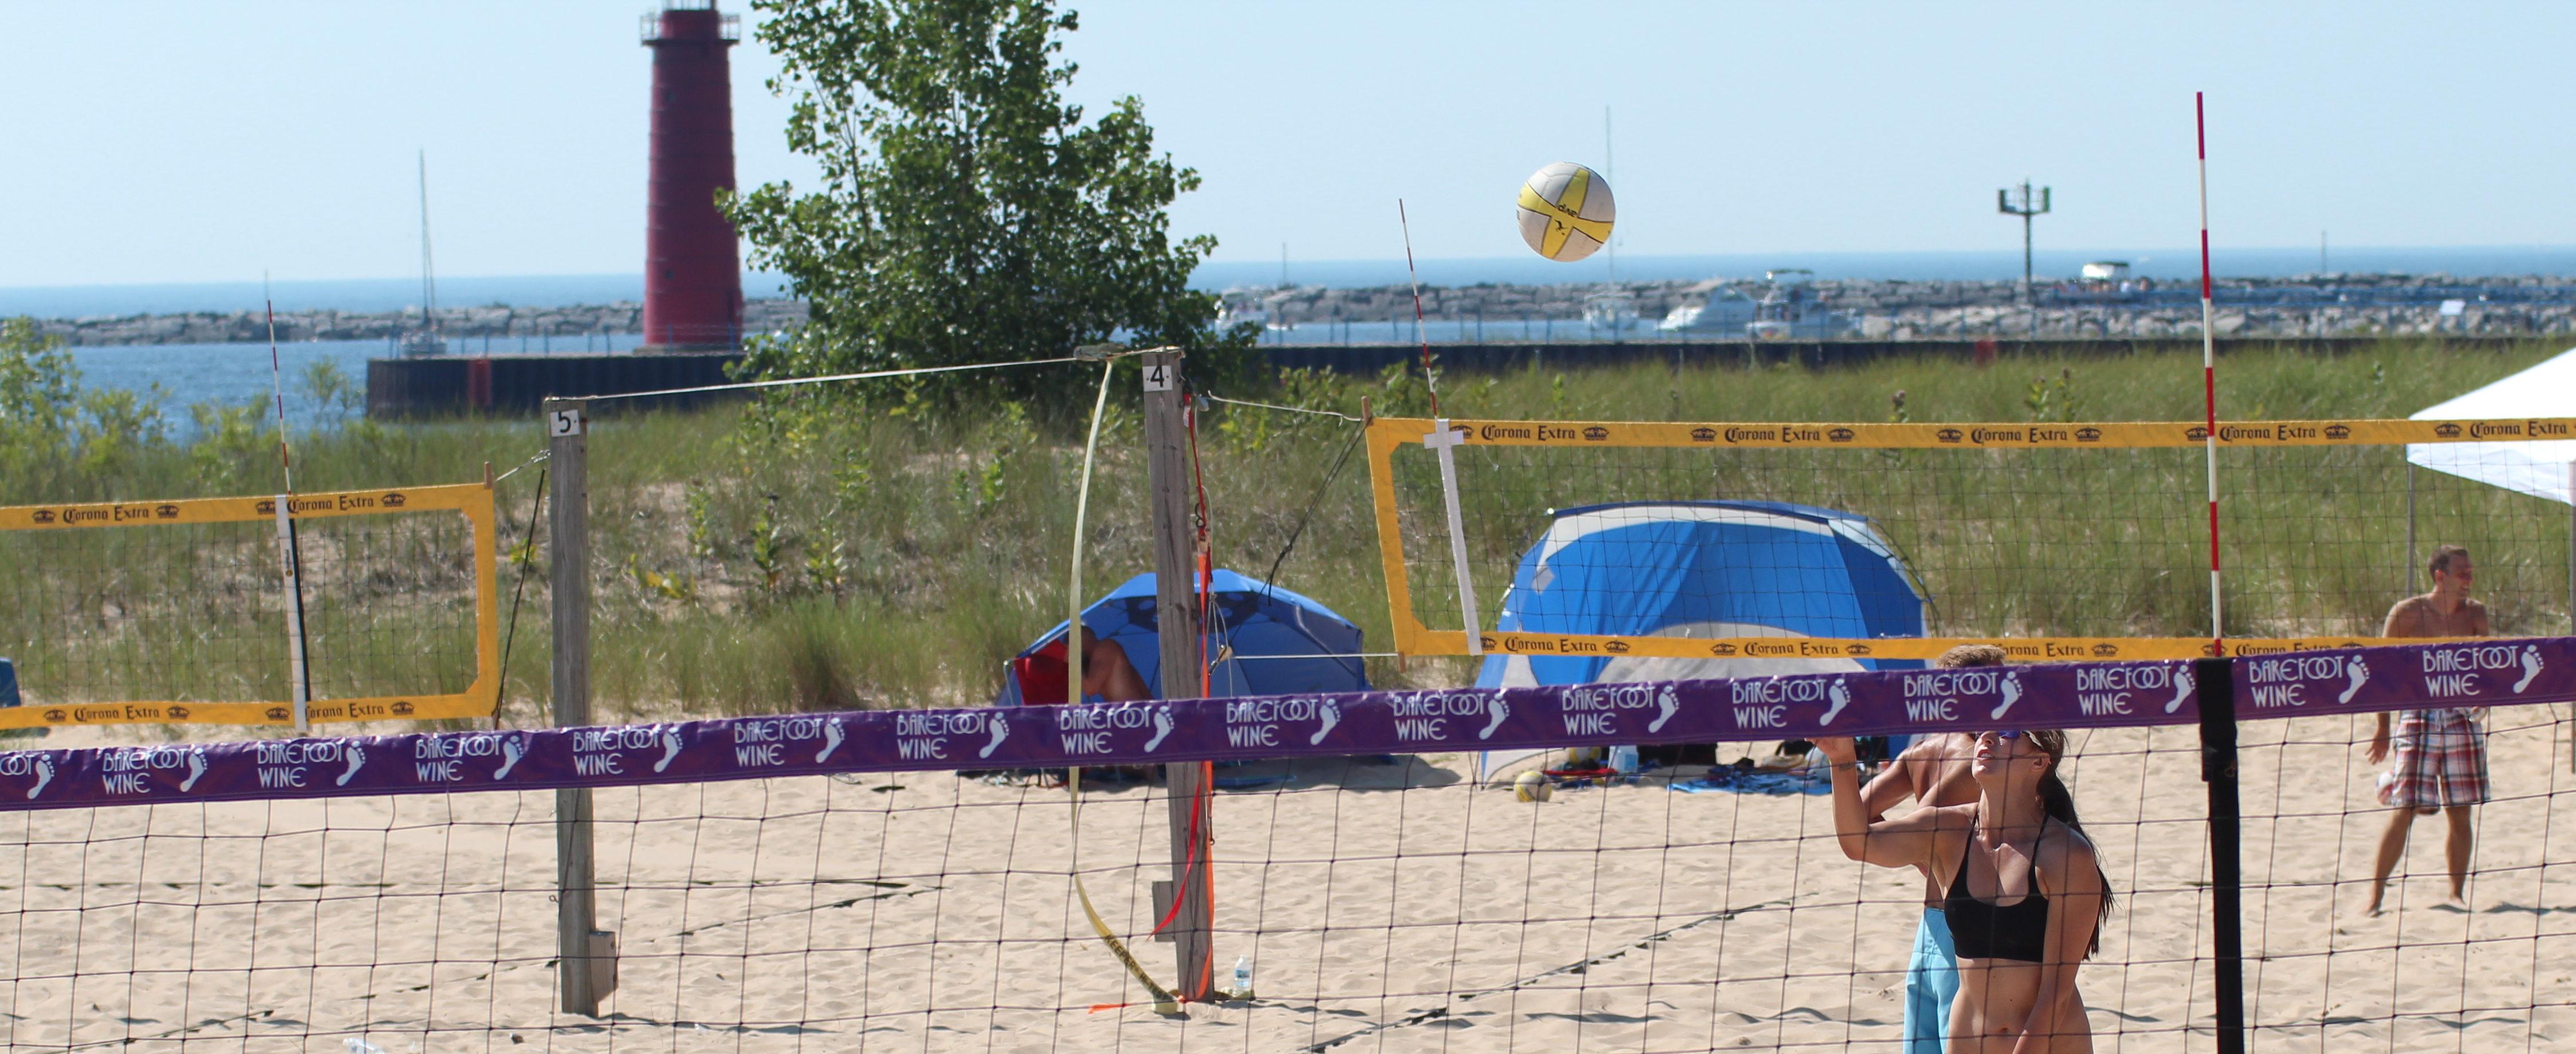 mpva u2013 midwest professional volleyball association